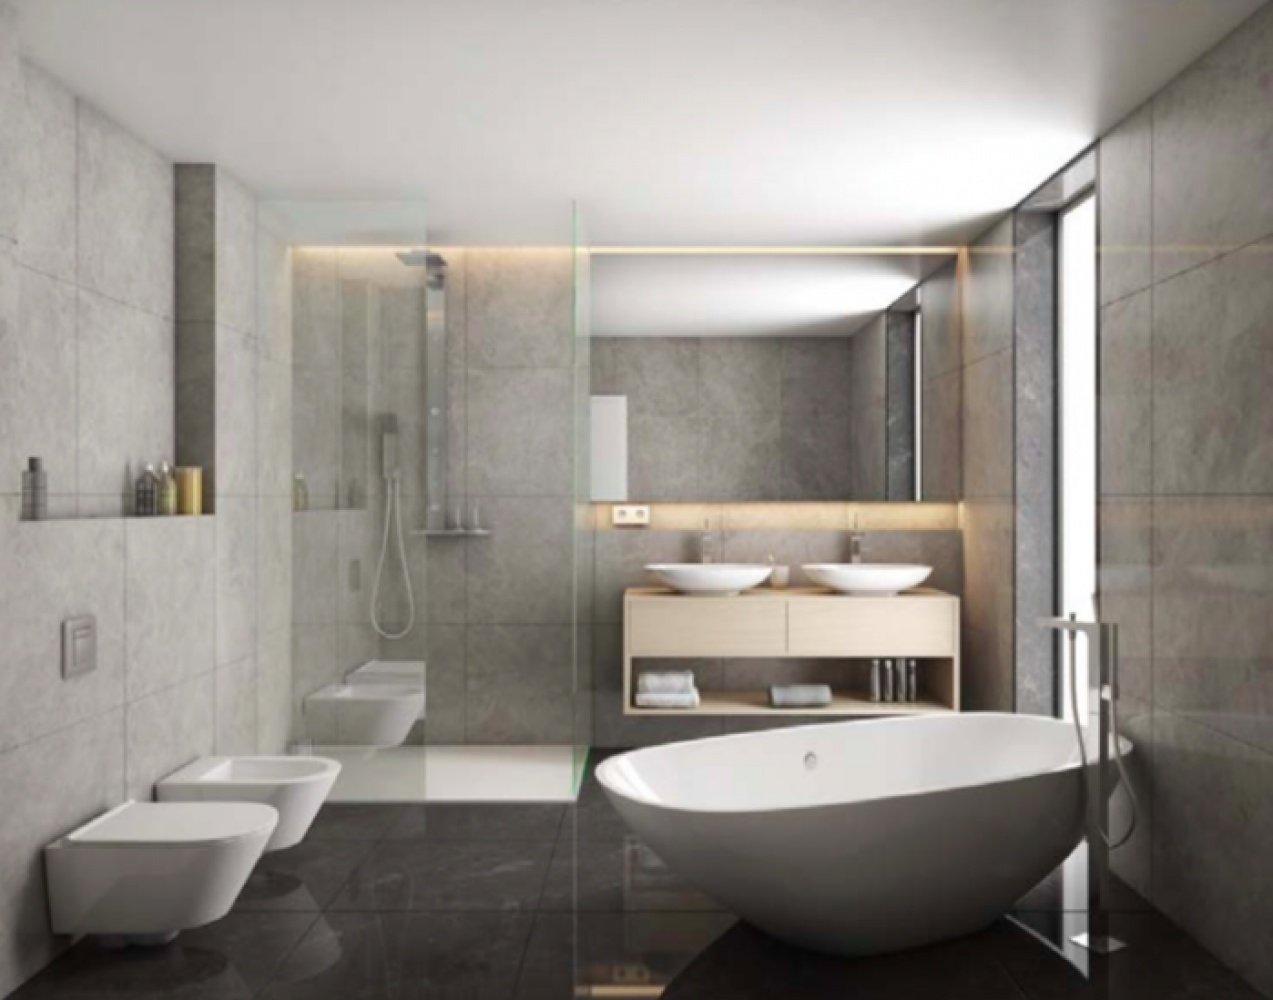 Vizualizace jednoho z bytů - Půdní byt 3+kk, plocha 162 m², ulice Kodaňská, Praha 10 - Vršovice | 3